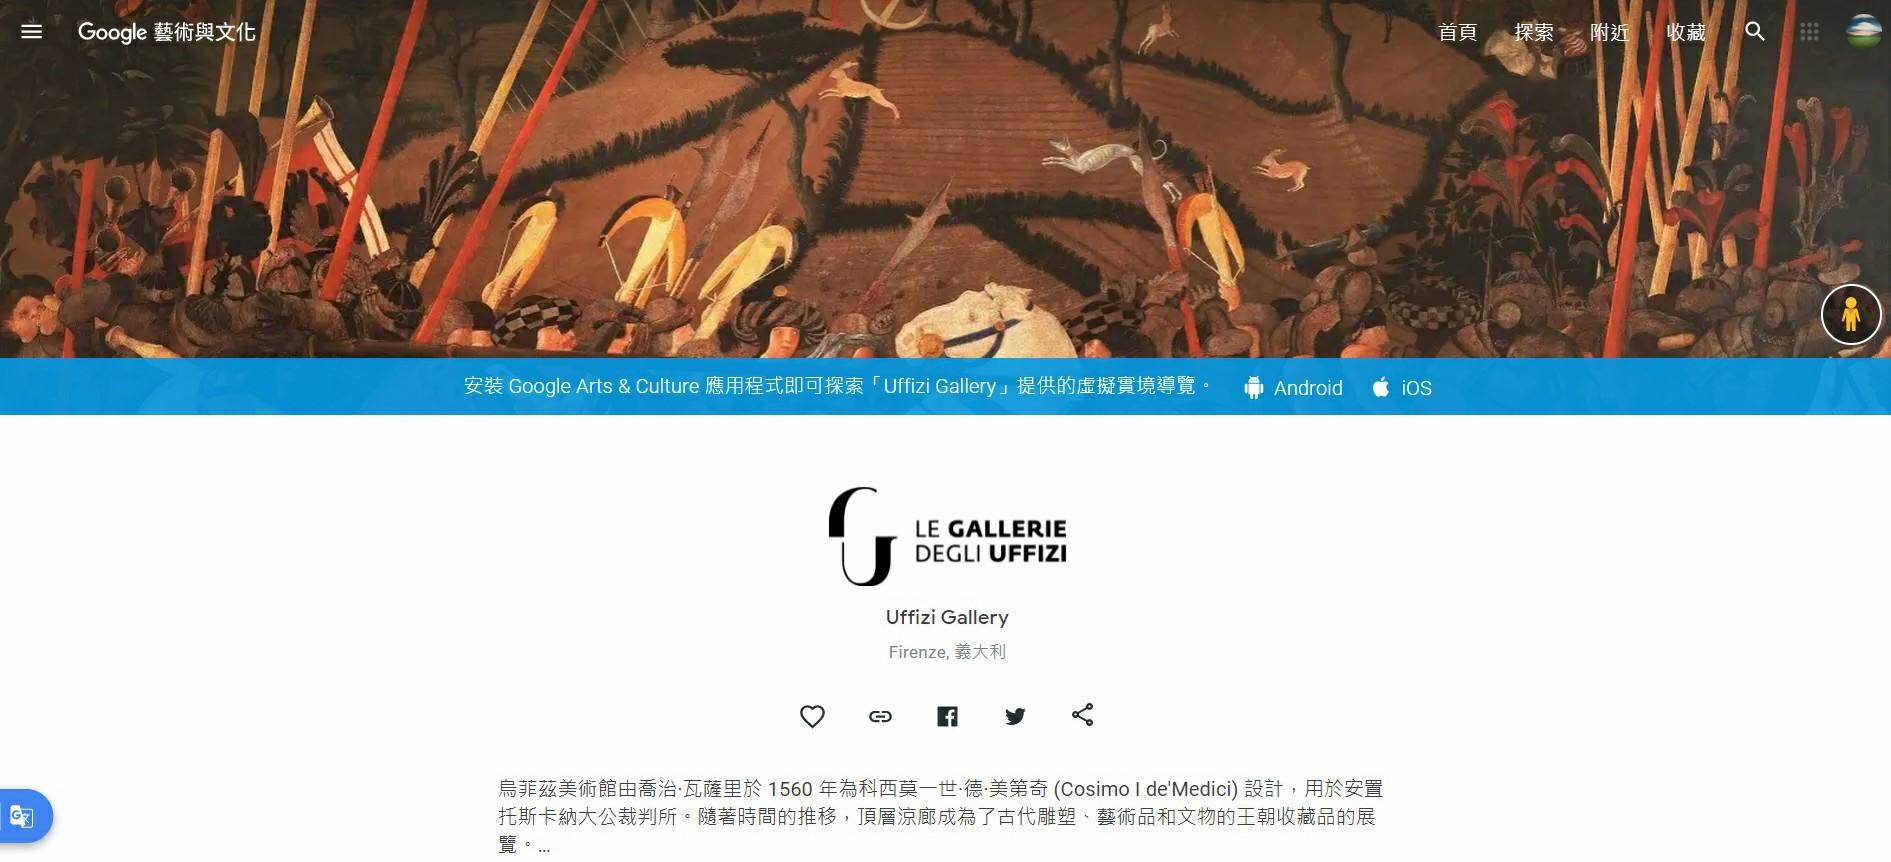 義大利佛羅倫斯烏菲茲美術館,烏菲茲美術館,Google Arts & Culture,Google 藝術與文化,虛擬實境美術館,線上展覽,線上美術館